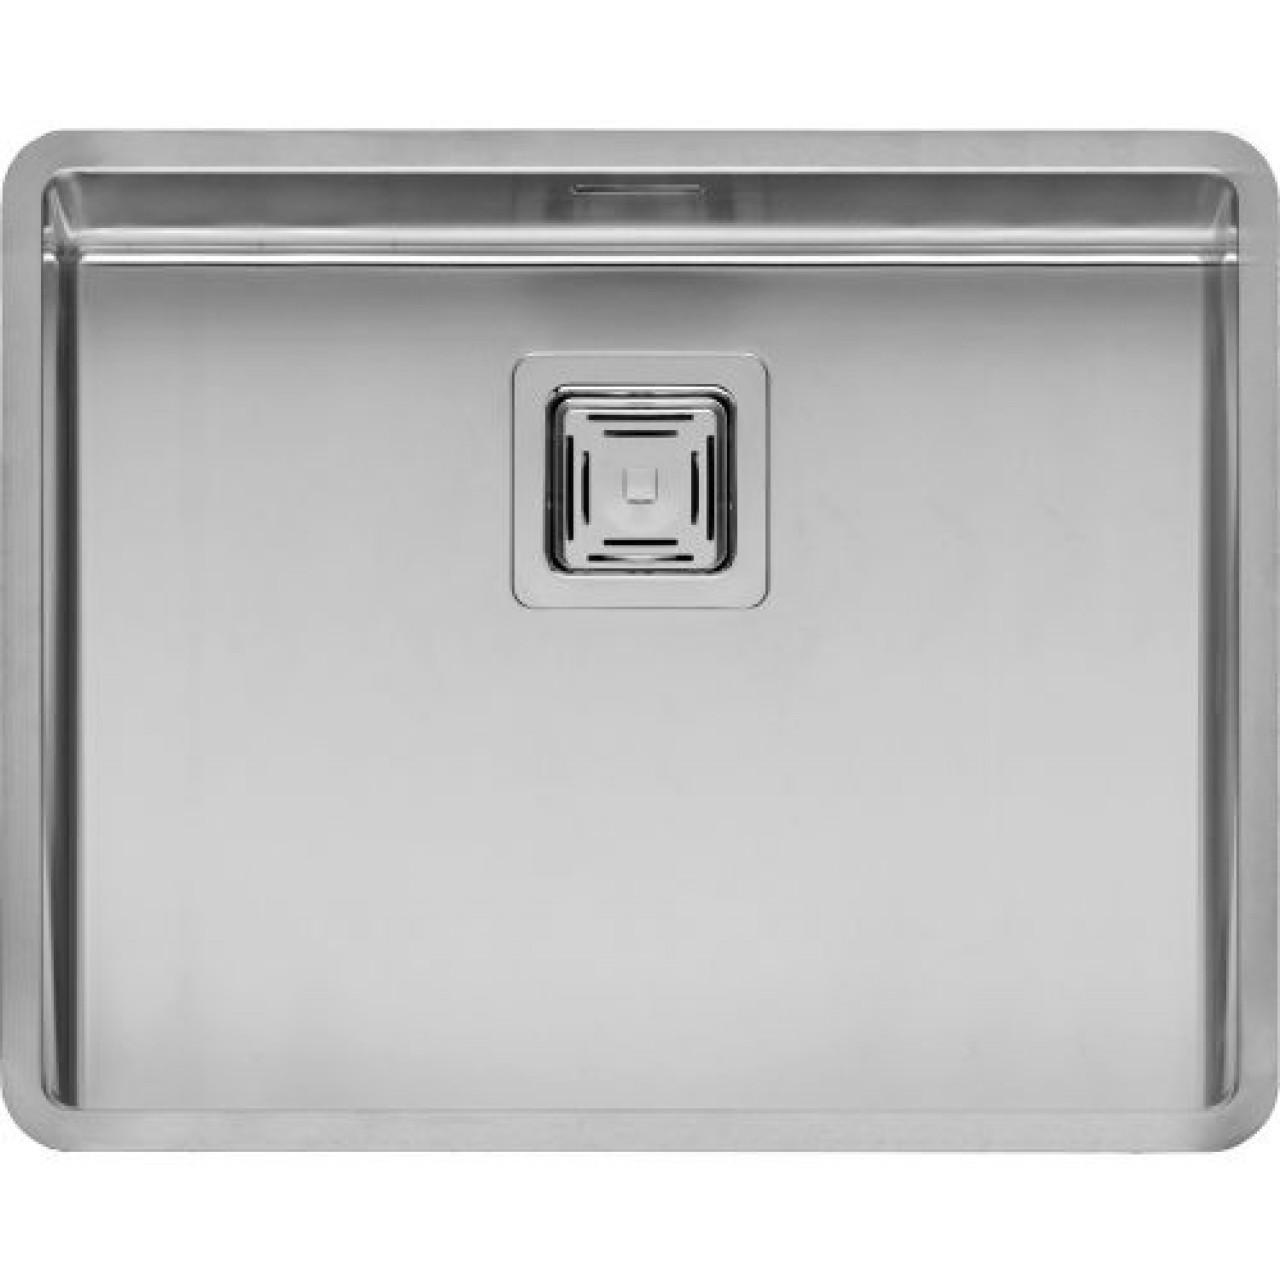 Кухонная мойка Reginox Texas 50x40 Medium 41471 купить в Москве по цене от 27000р. в интернет-магазине mebel-v-vannu.ru